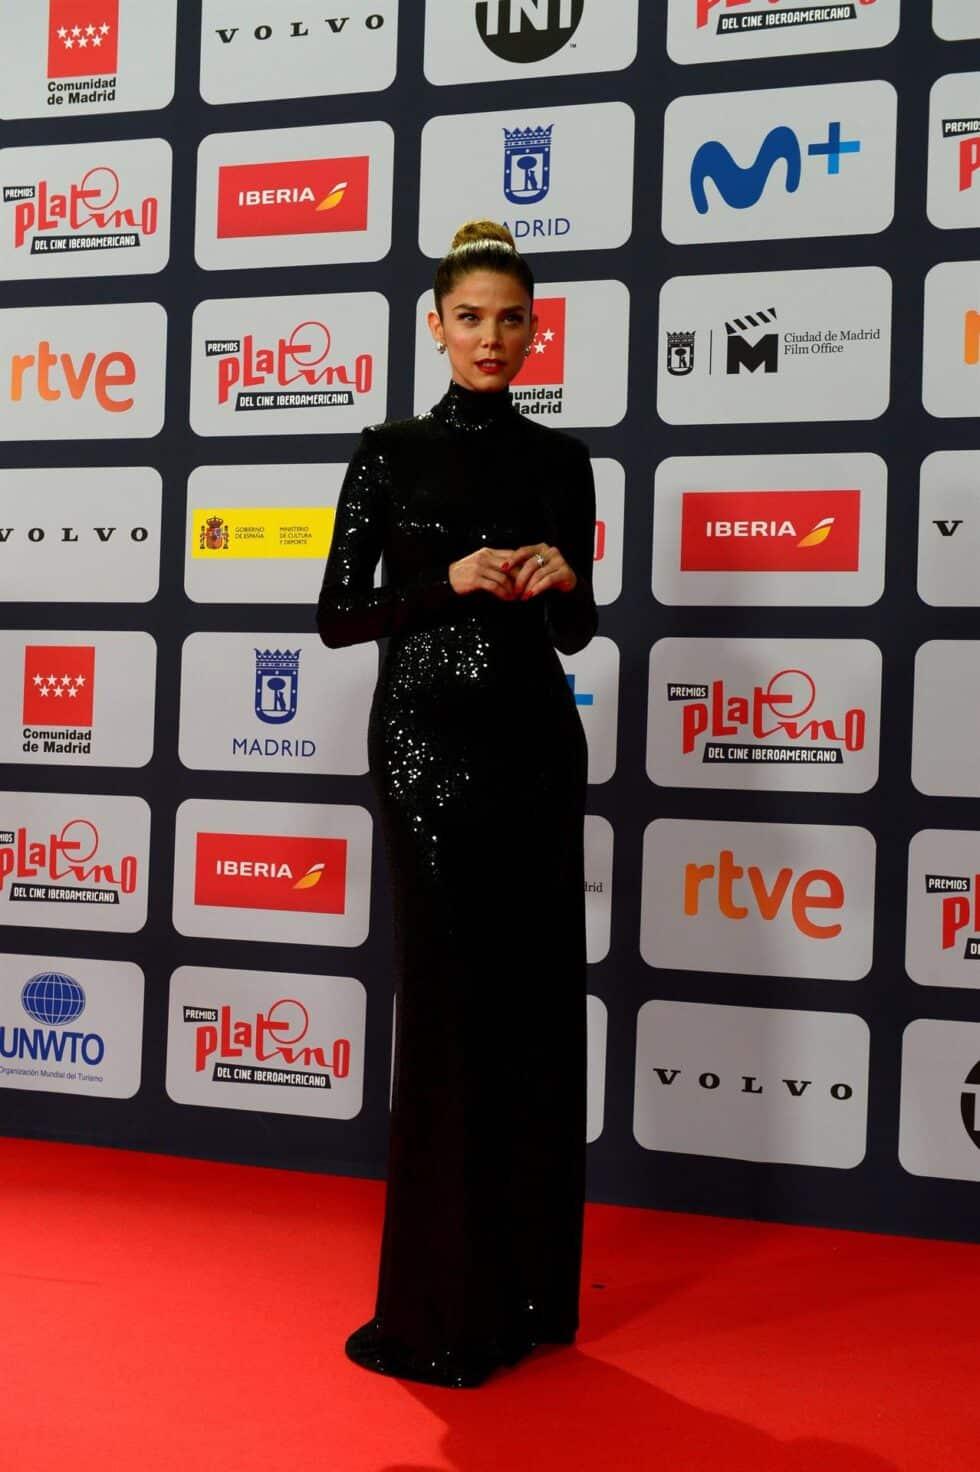 La actriz Juana Acosta, a su llegada a la ceremonia de entrega de los Premios Platino del Cine y el Audiovisual Iberoamericano que se celebra este domingo en Madrid